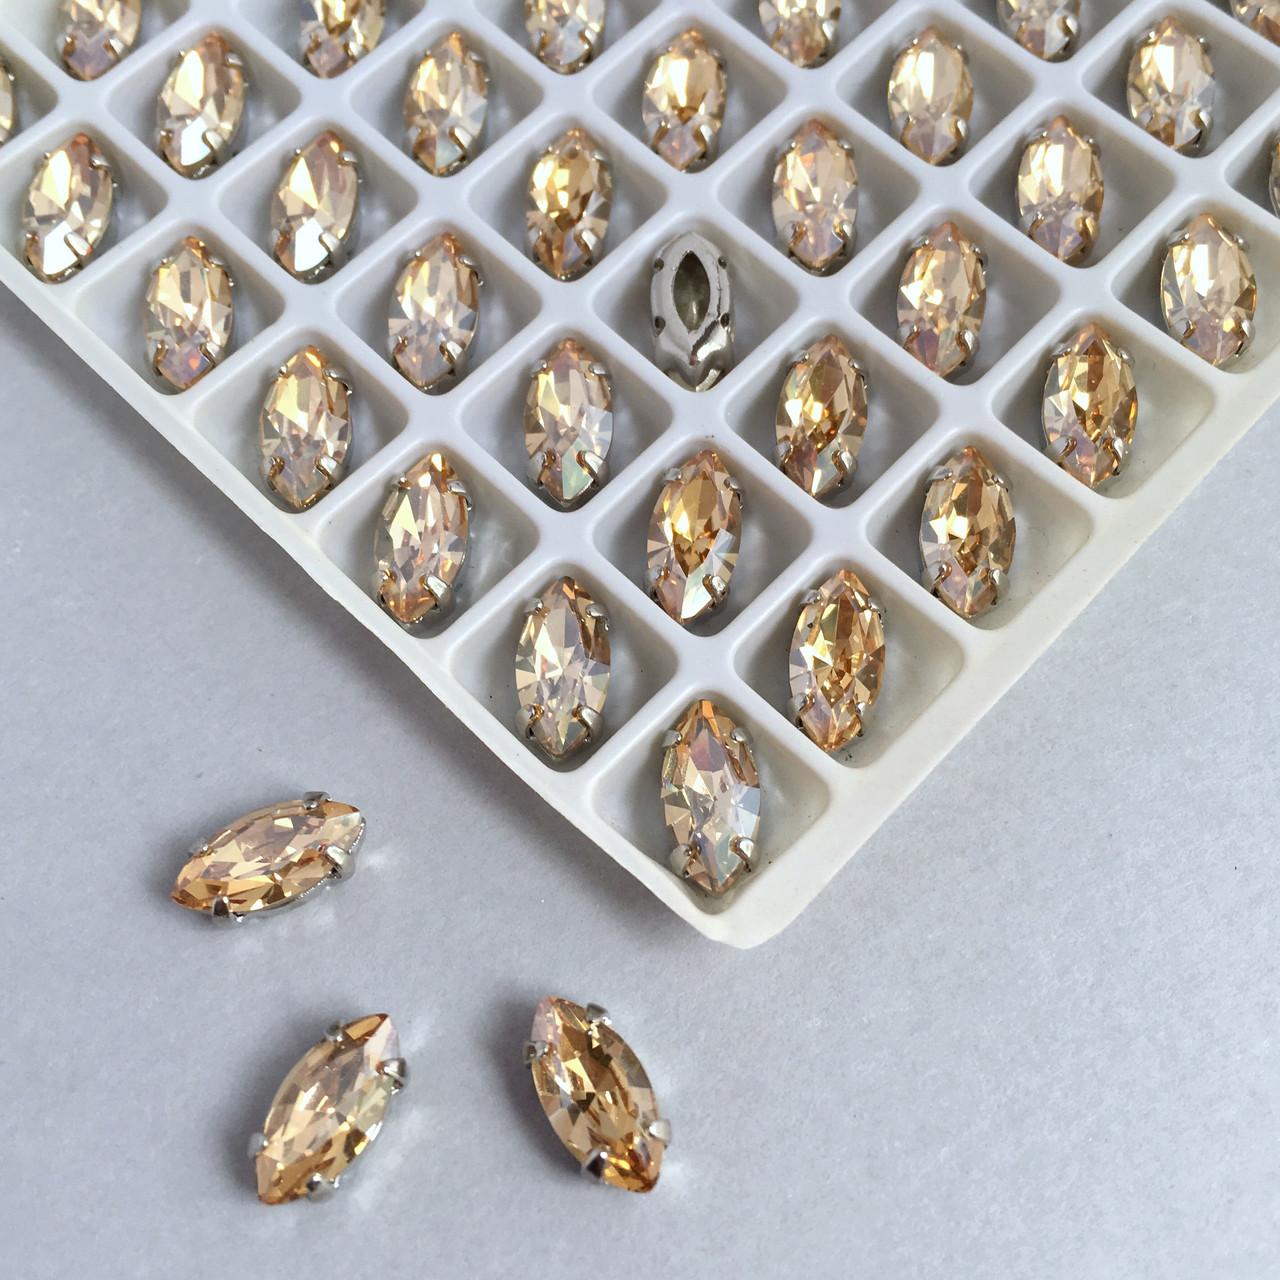 Кристали LUX. Маркізи (маркизы) 5х10 мм. Топаз (топаз). Стрази в цапах (срібло)